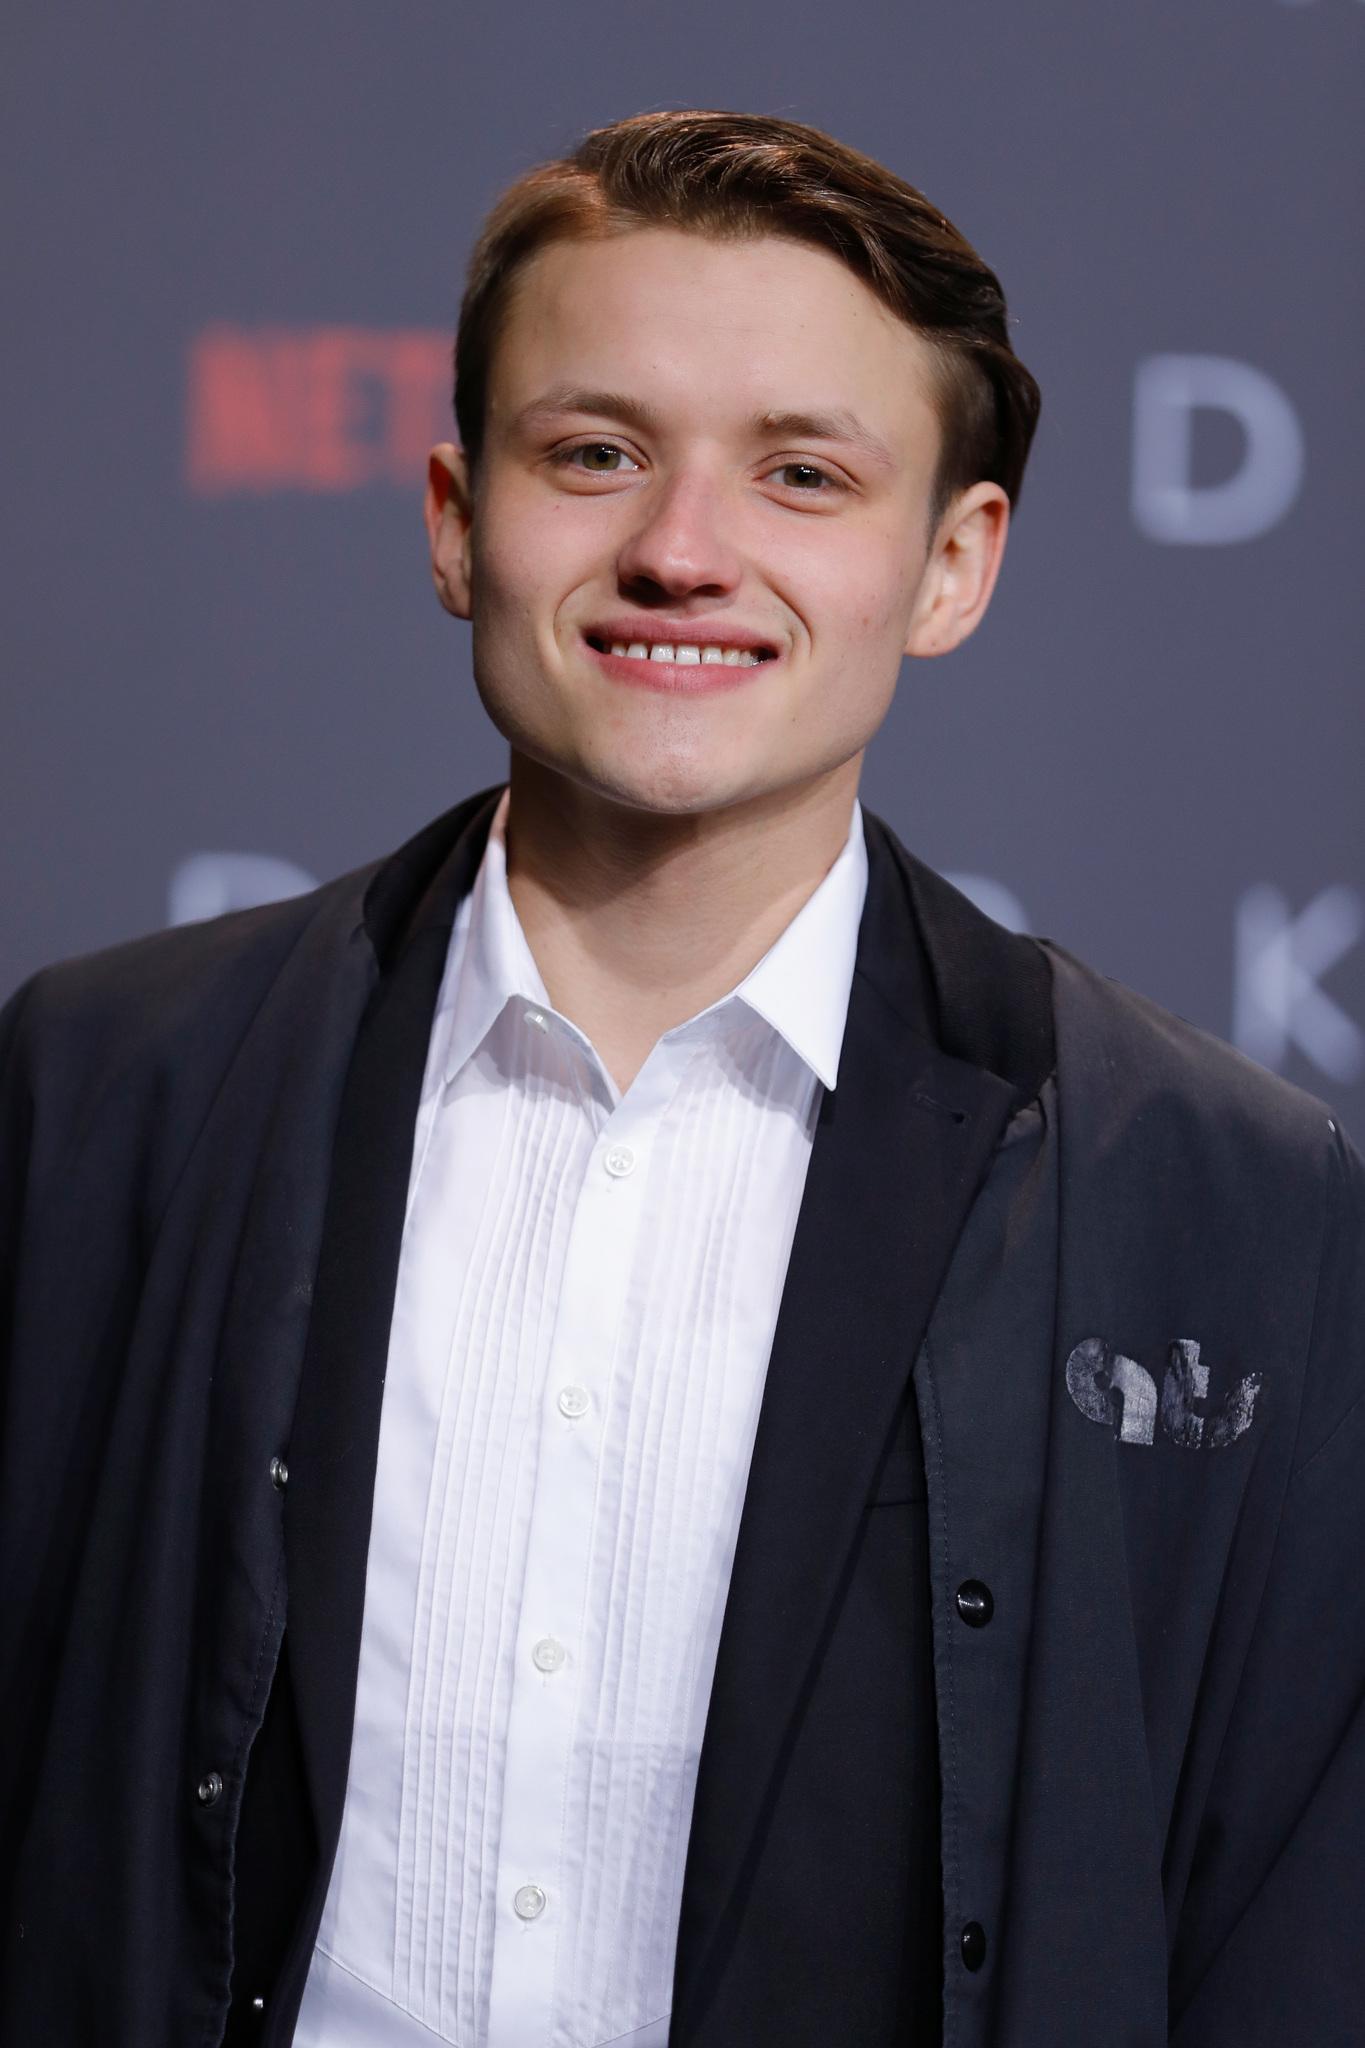 Paul Lux - IMDb